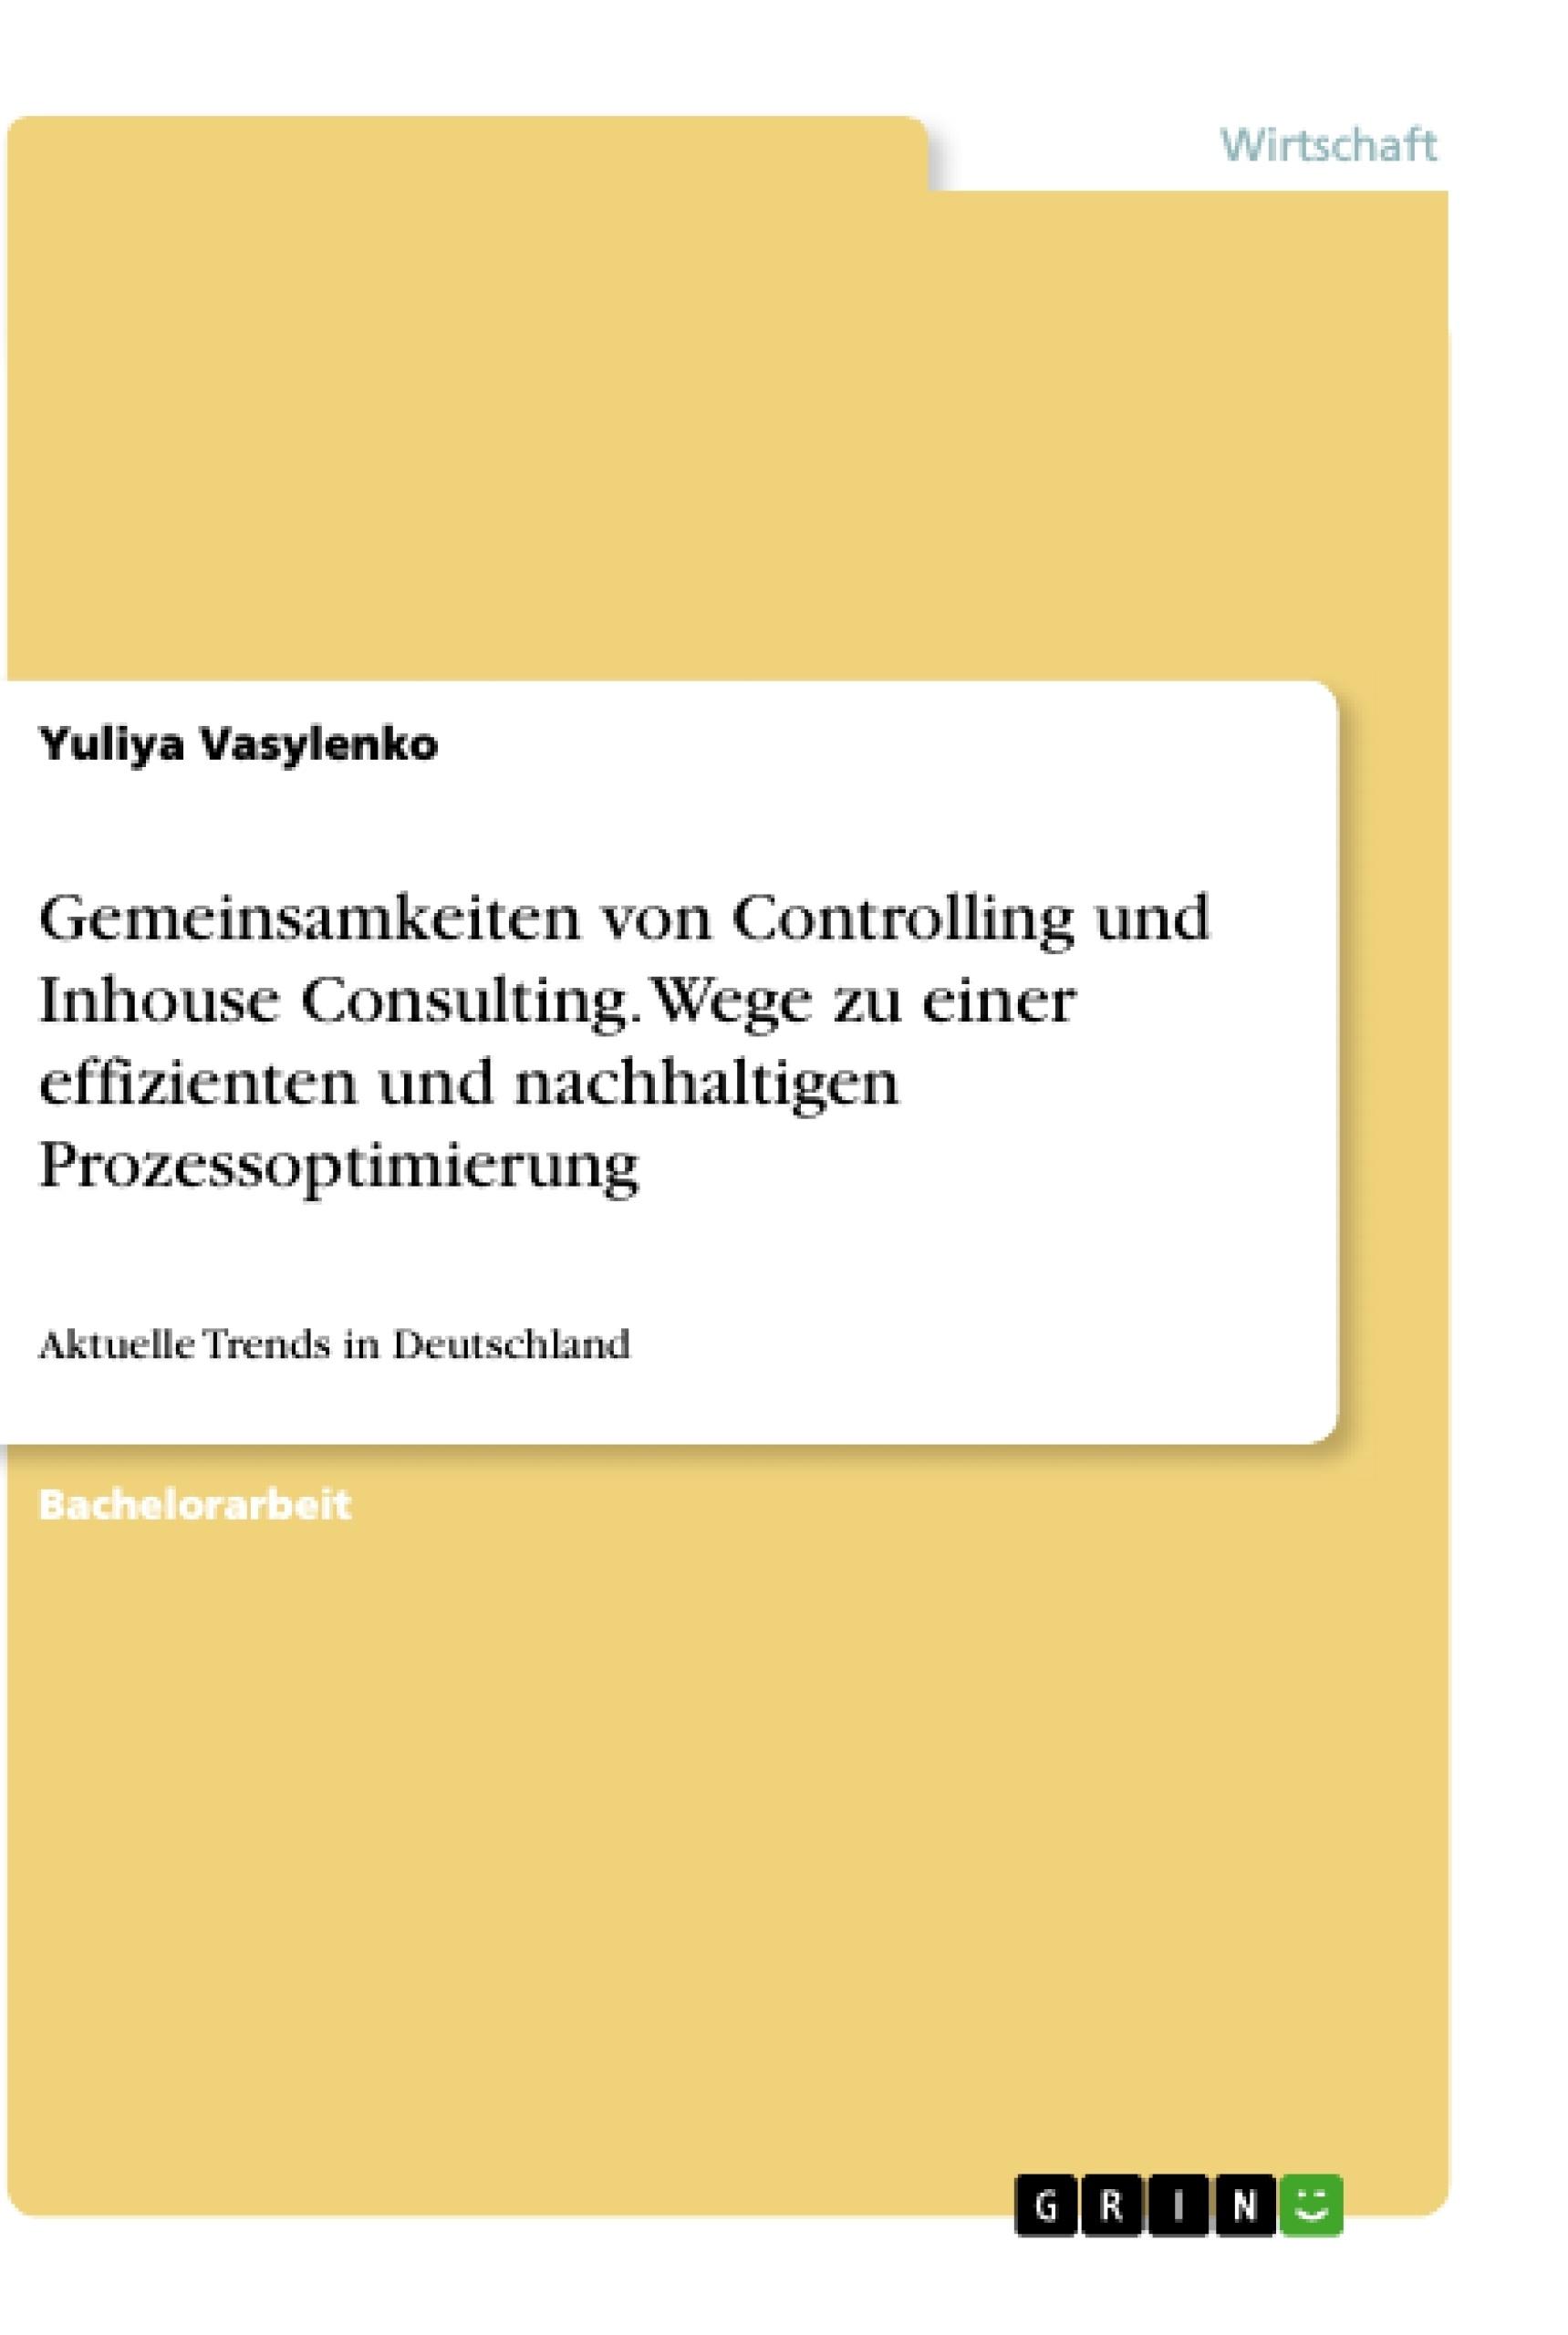 Titel: Gemeinsamkeiten von Controlling und Inhouse Consulting. Wege zu einer effizienten und nachhaltigen Prozessoptimierung